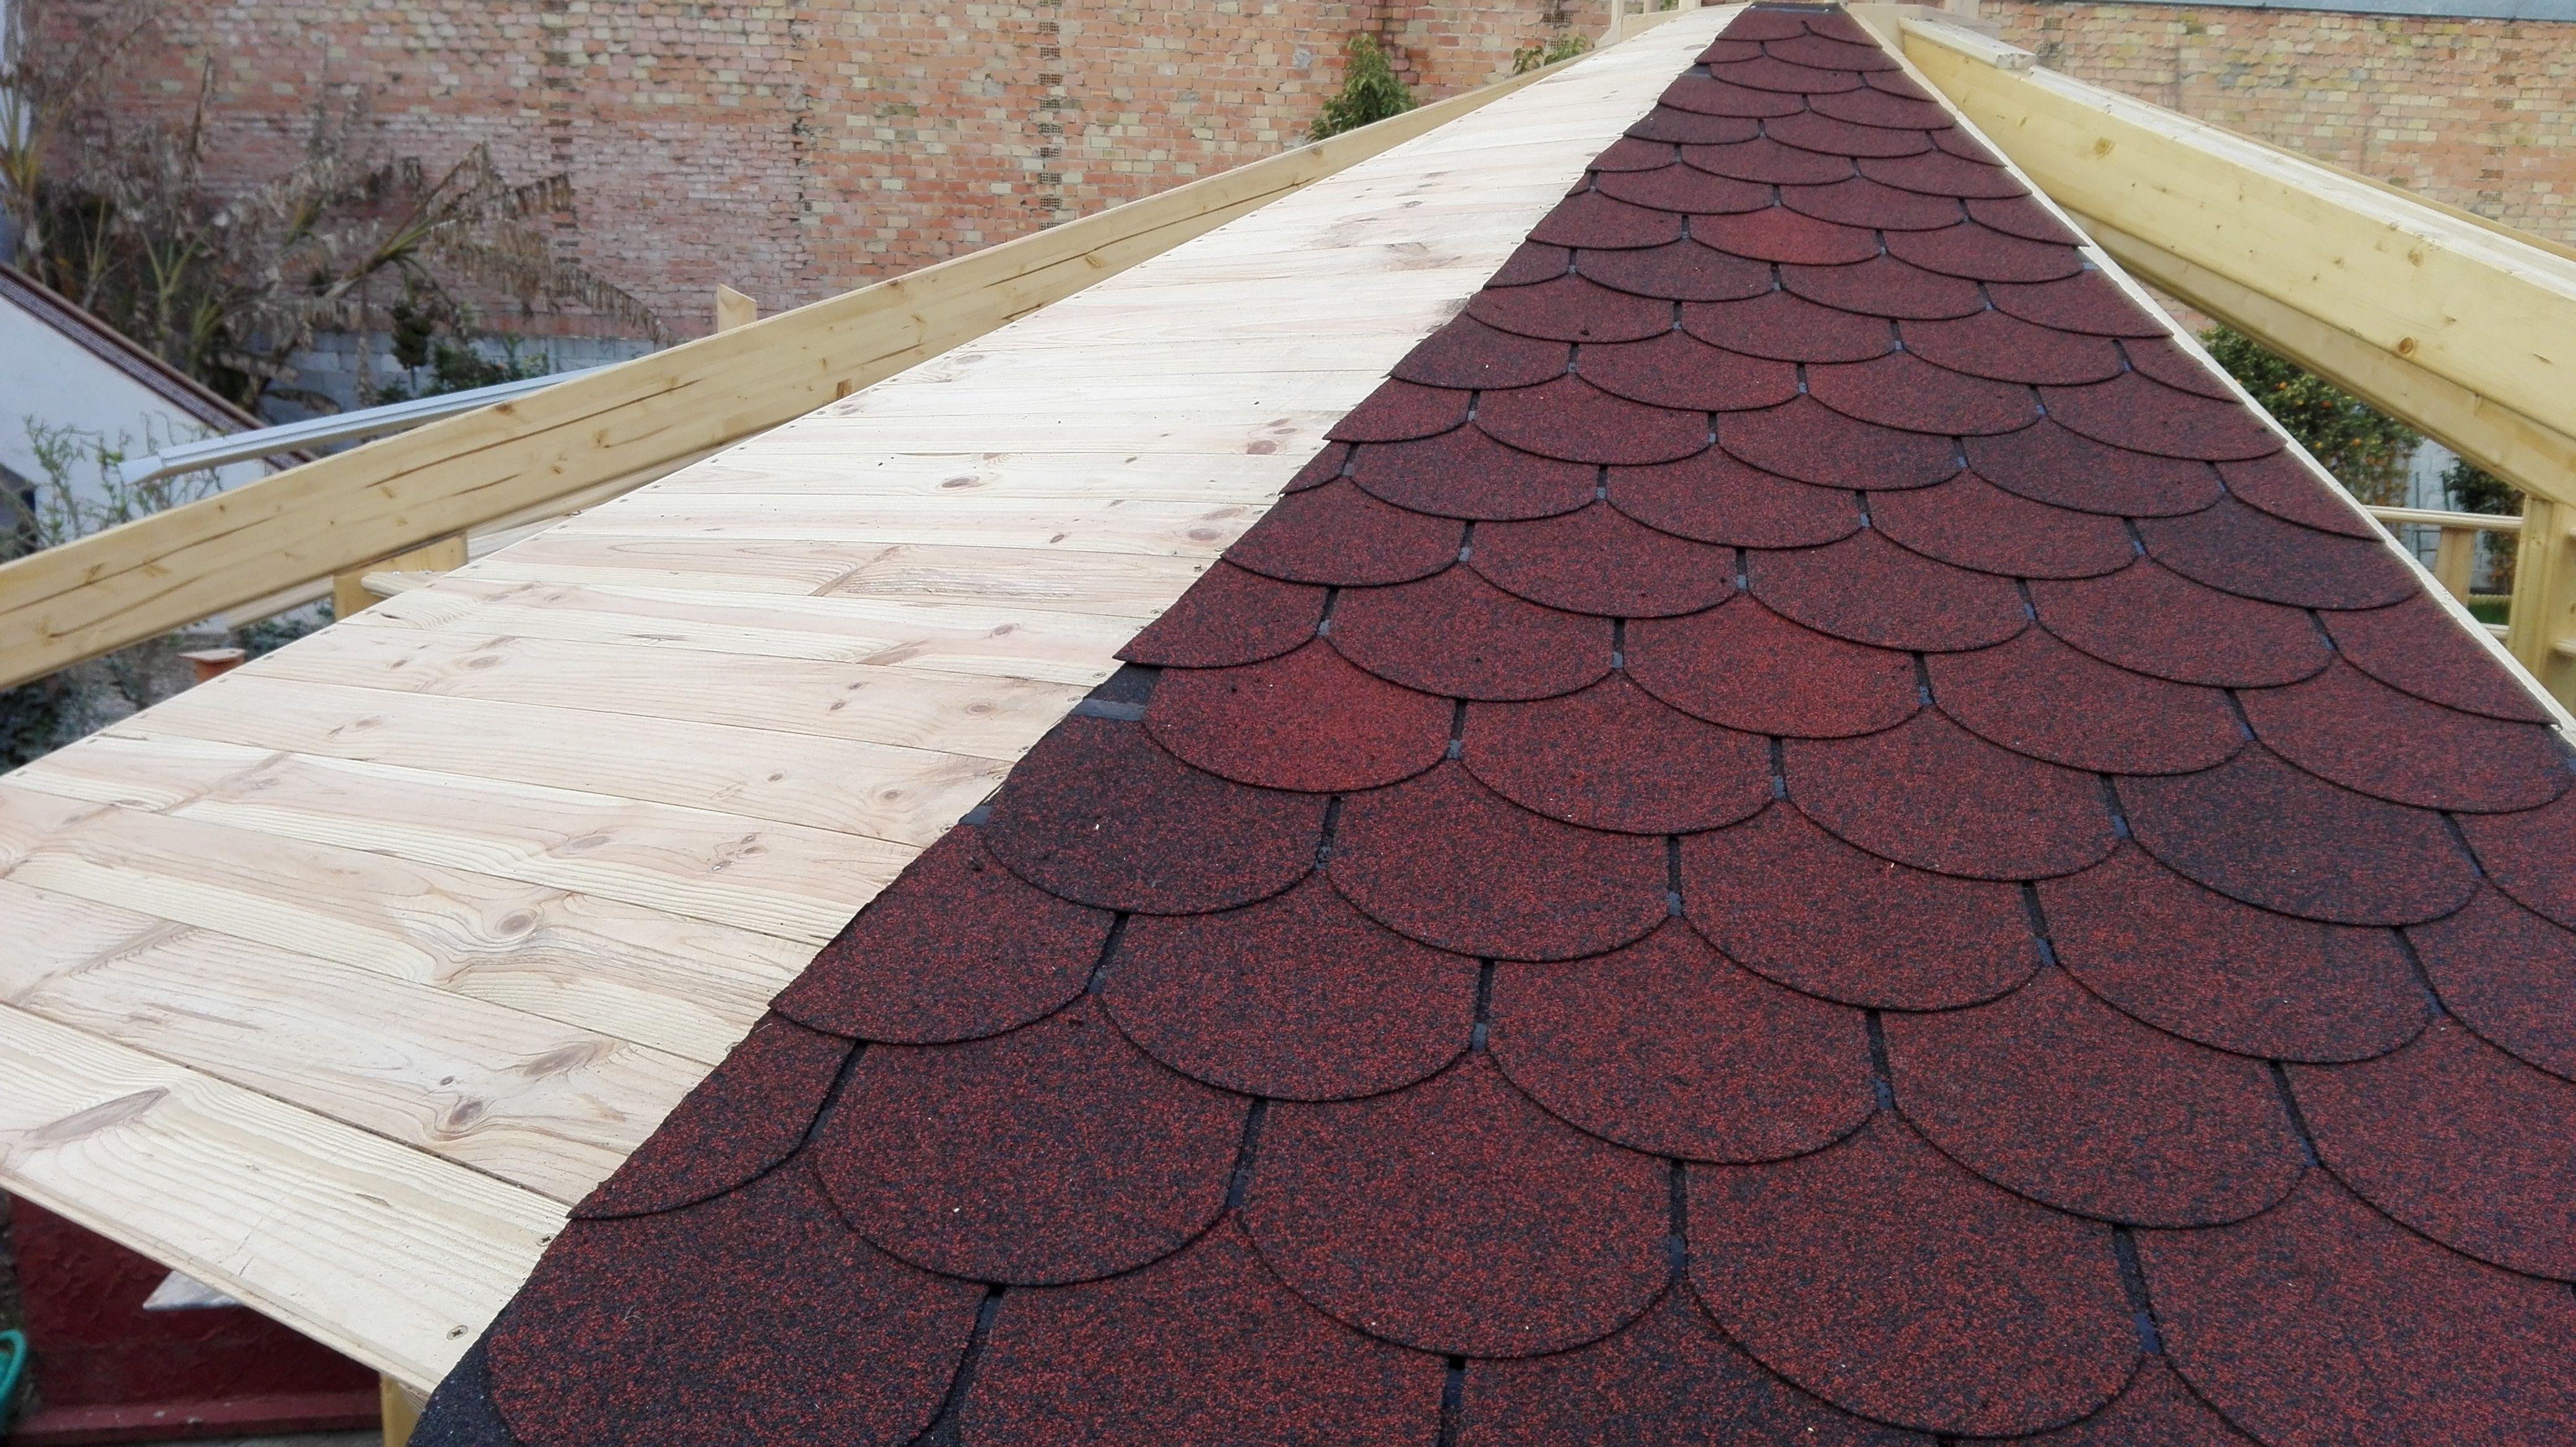 Kiosco Octogonal con tejado a 16 aguas de madera. Tejado con Tegola de color Rojo Castilla